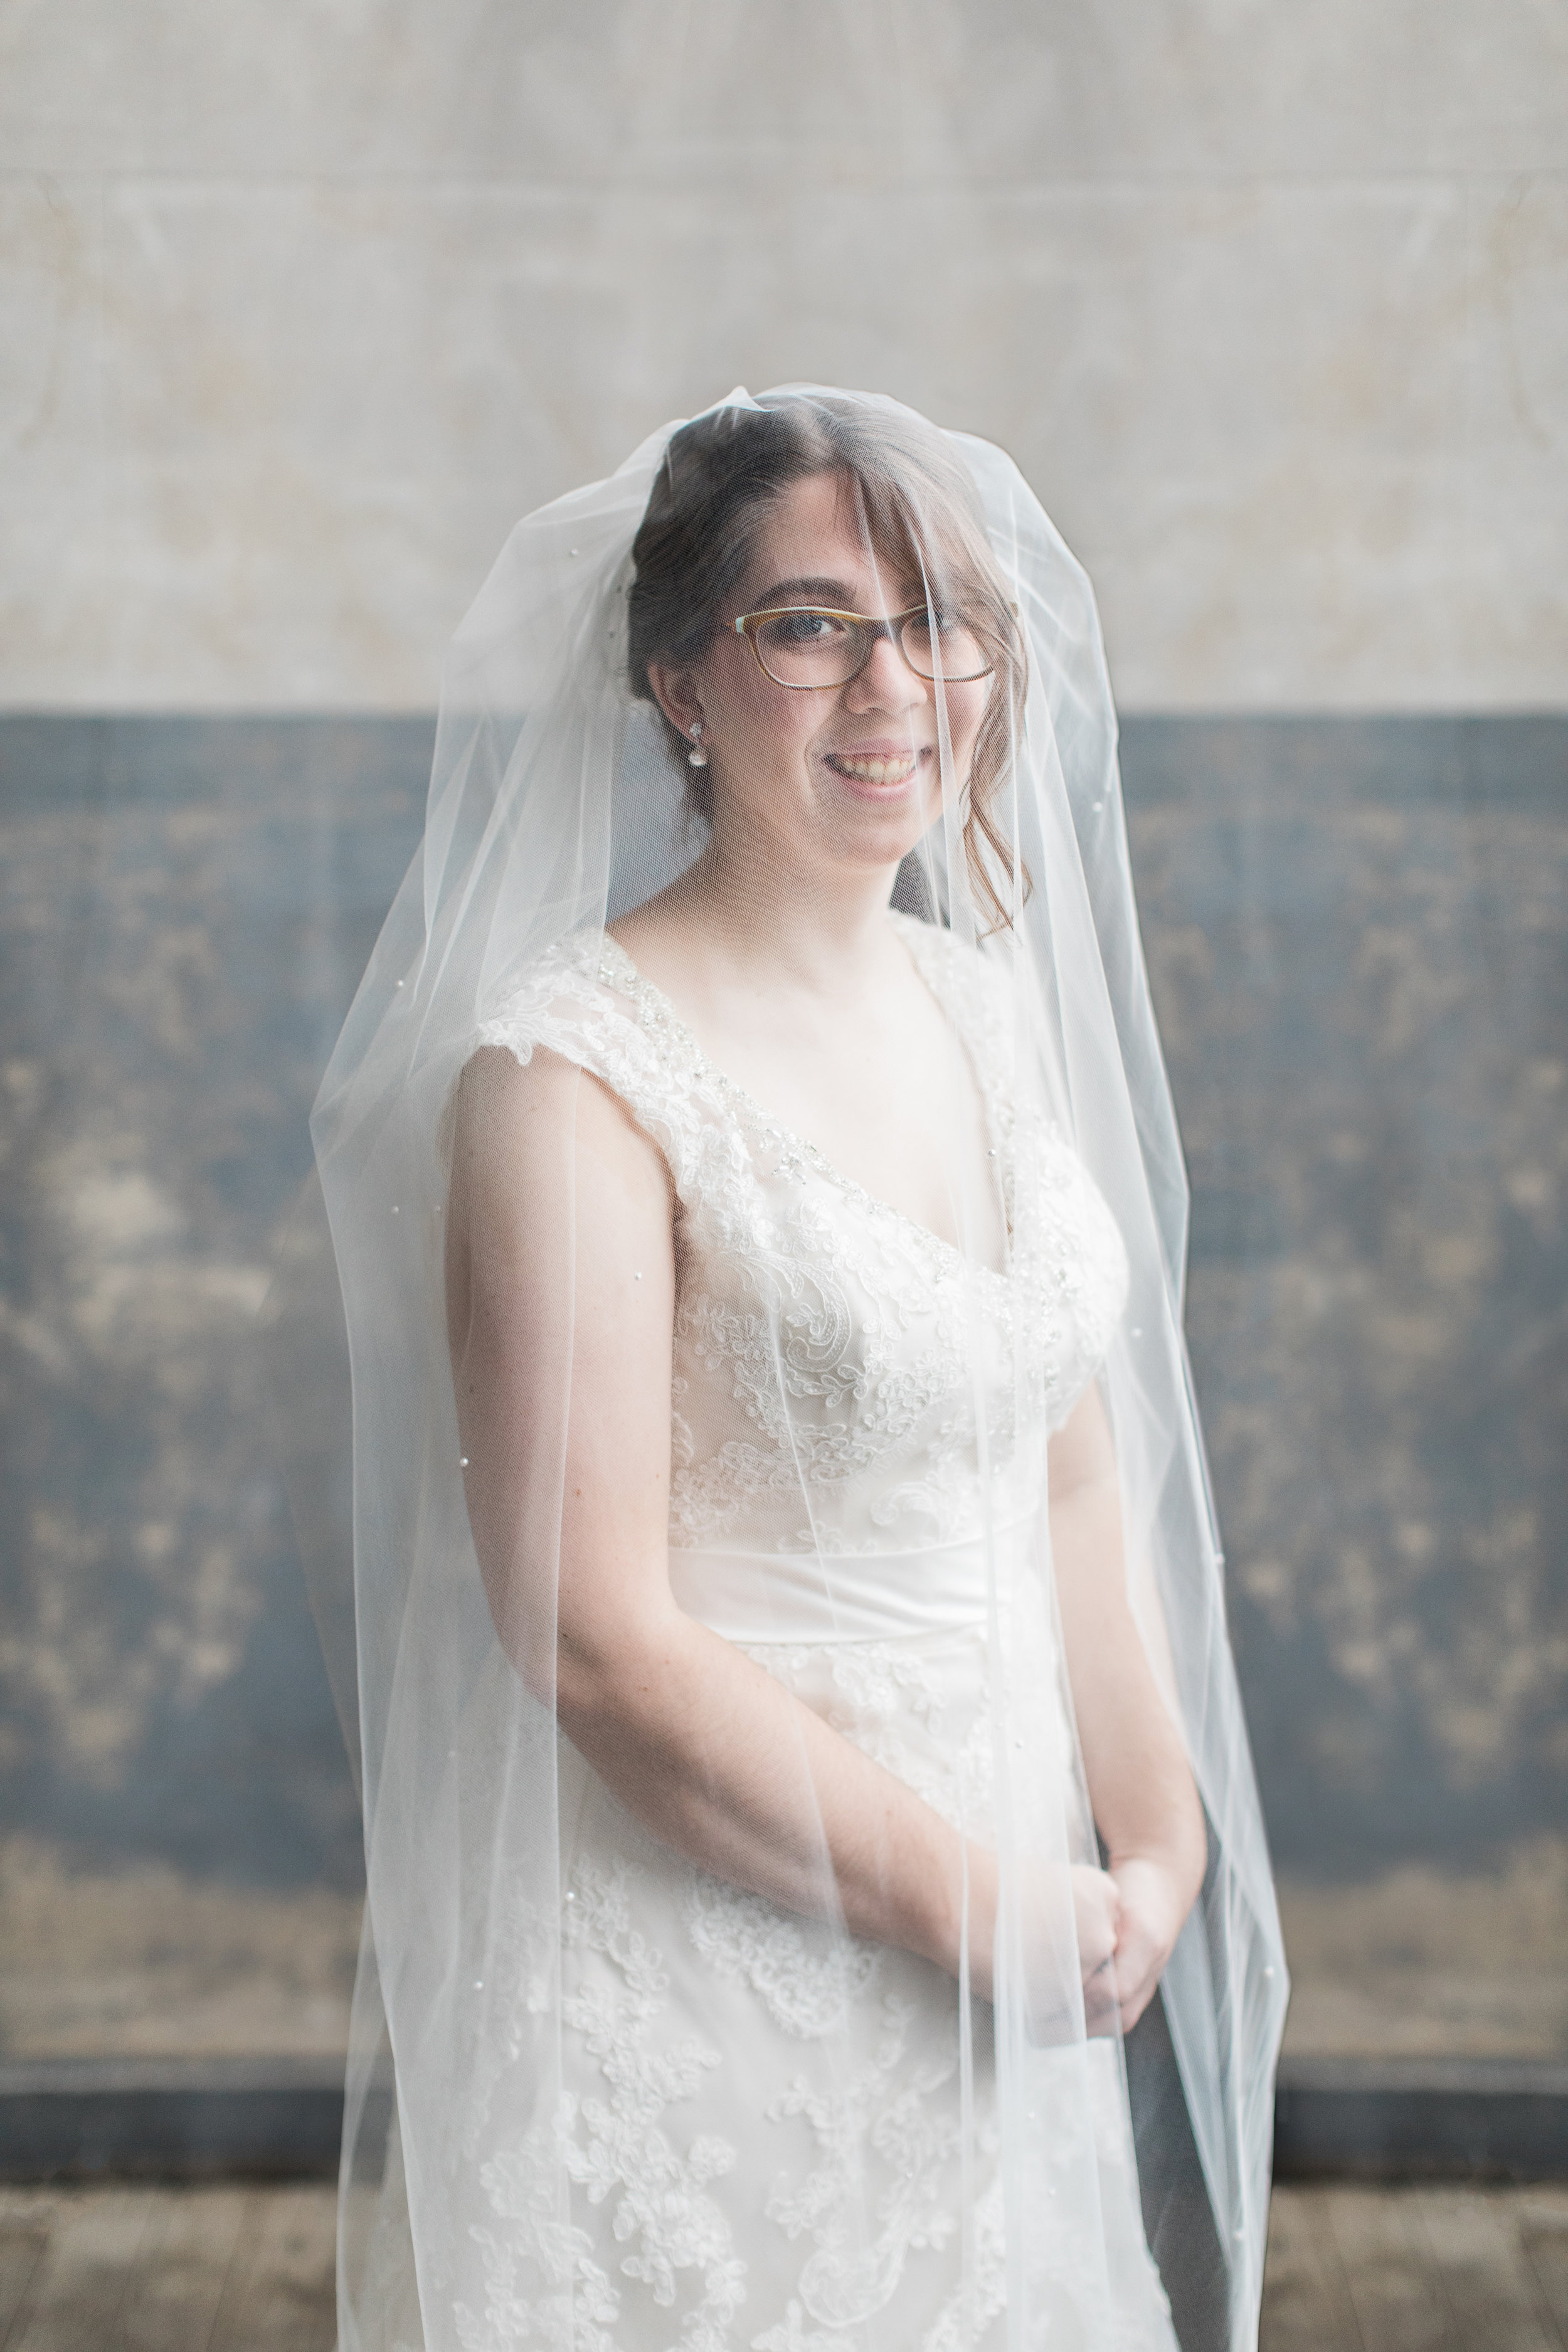 Hannah-bridal-052.JPG